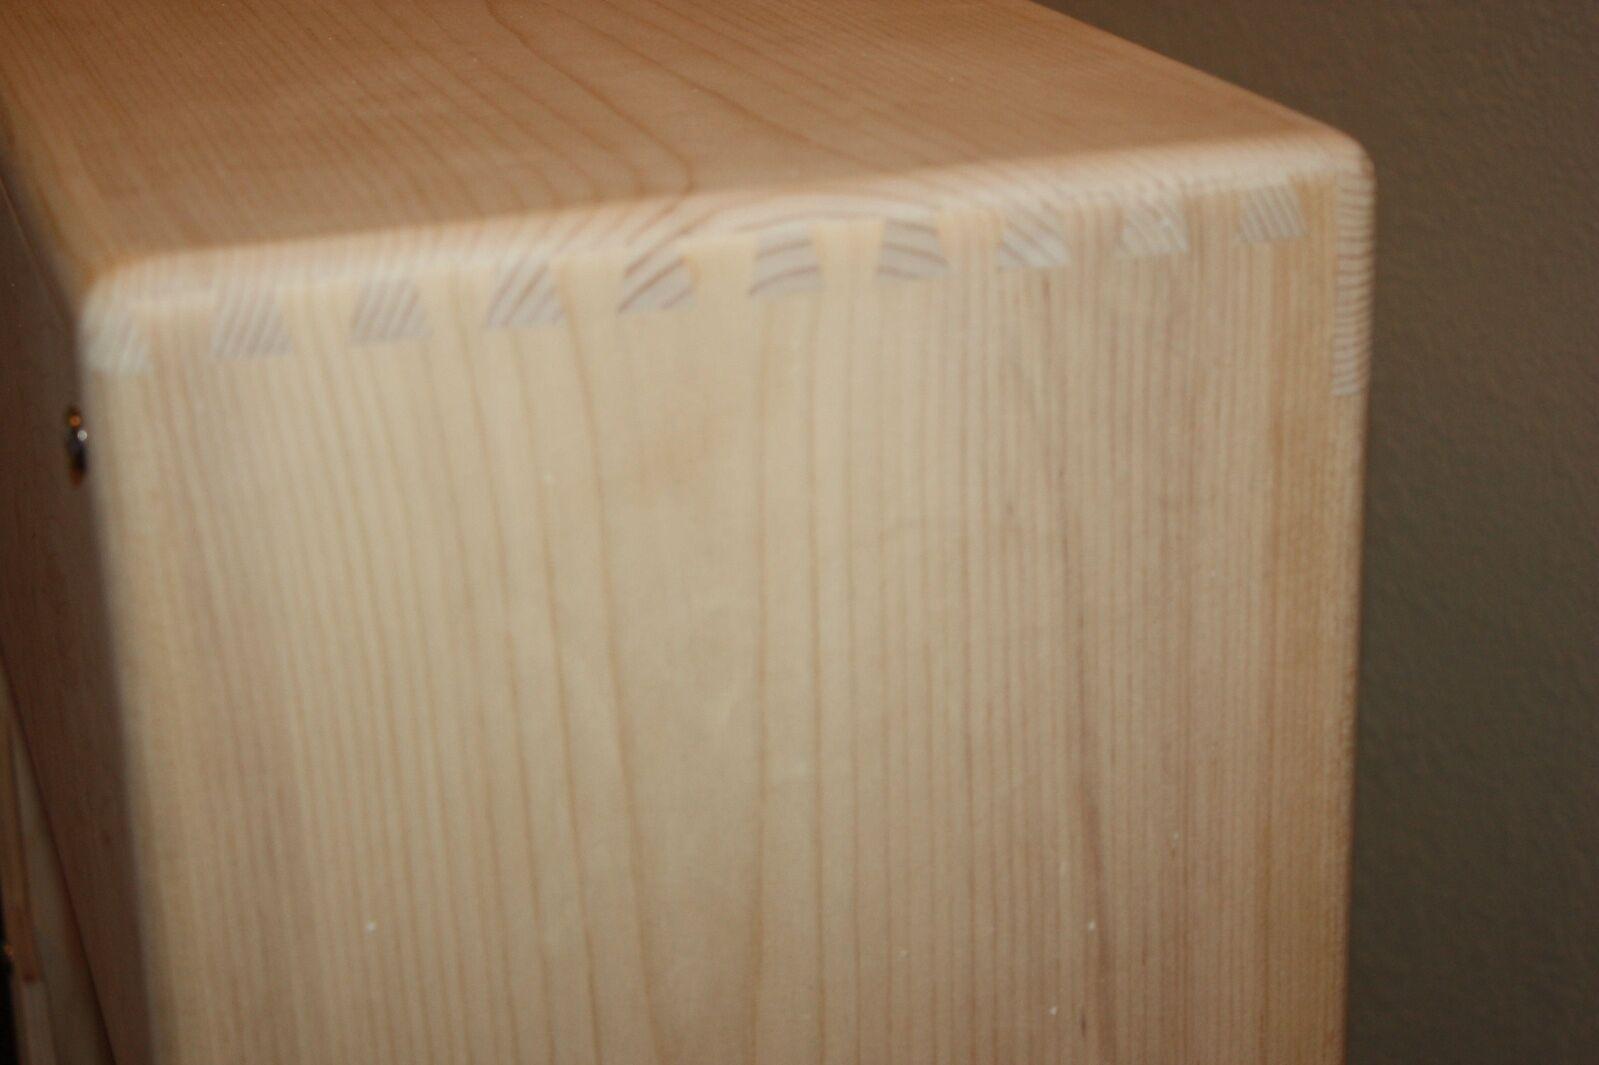 Rawcabs 4x10 extensión de Pino Pino Pino estrecho Panel Bassman sin rematar Gabinete Altavoz 16ea37